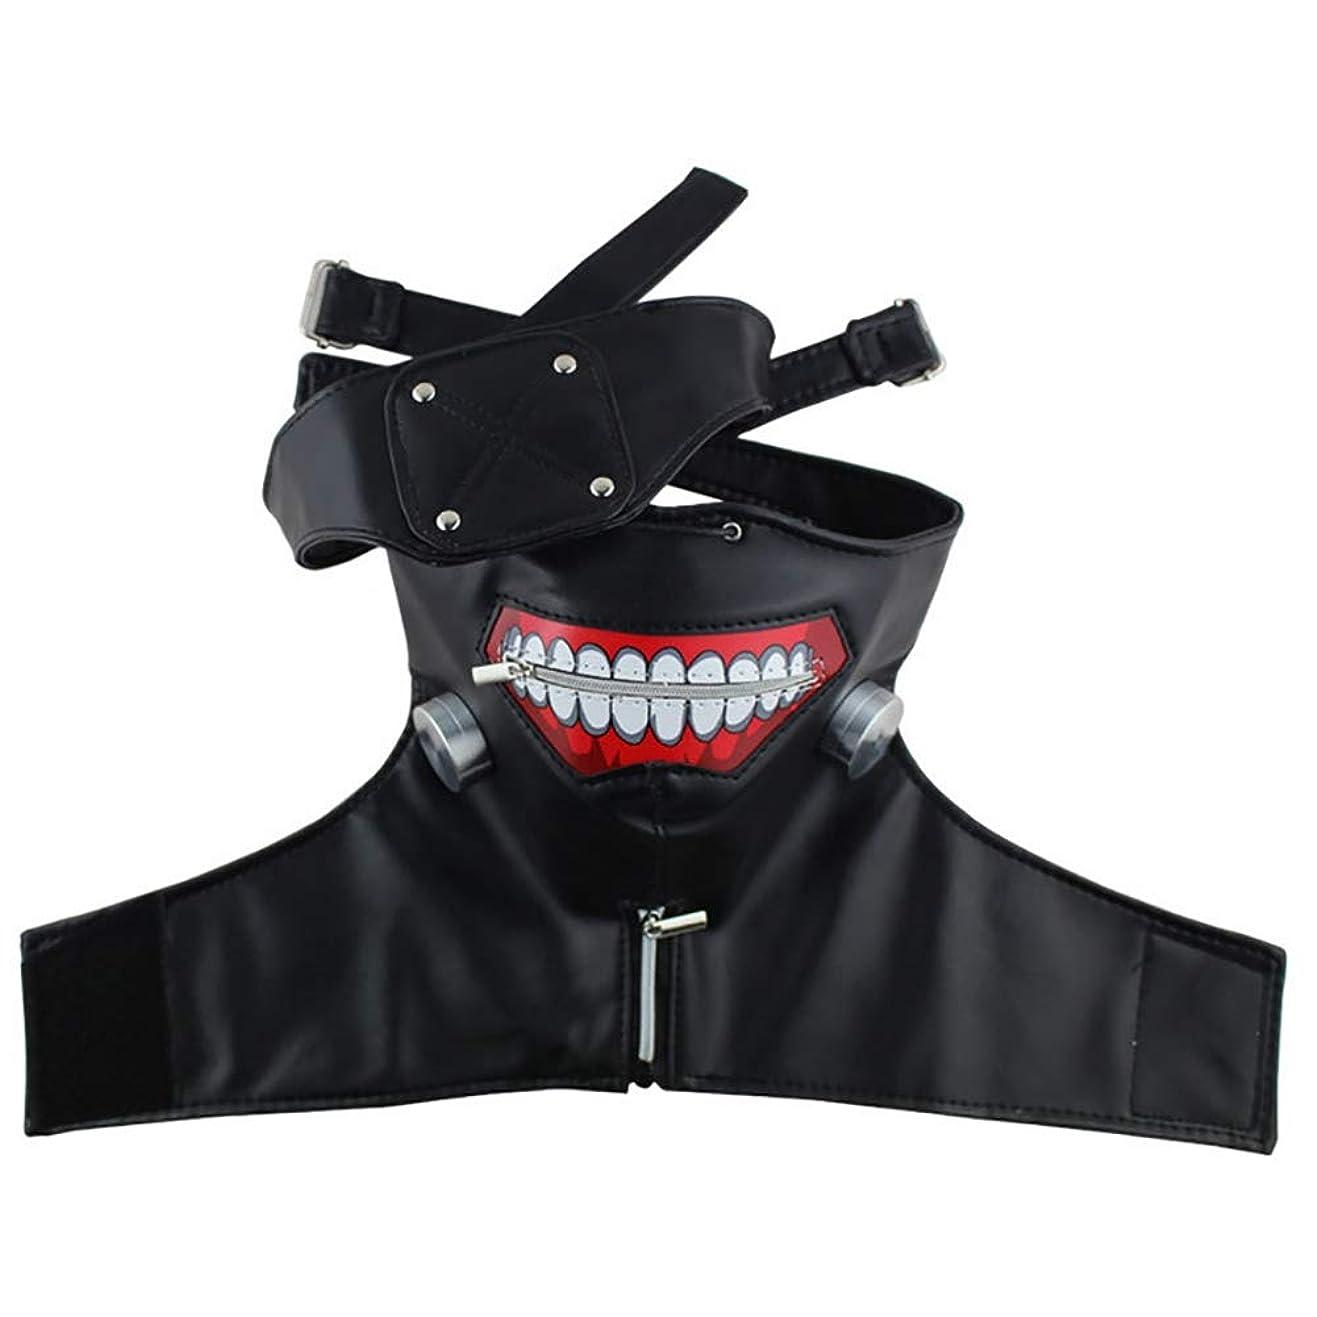 メンテナンス重要権威KISSION 東京喰種トーキョーグール 3D PUレザーマスク革のコスプレマスク調整可能なジッパーマスク ハロウィンコスプレ衣装小道具 アニメのコスプレ